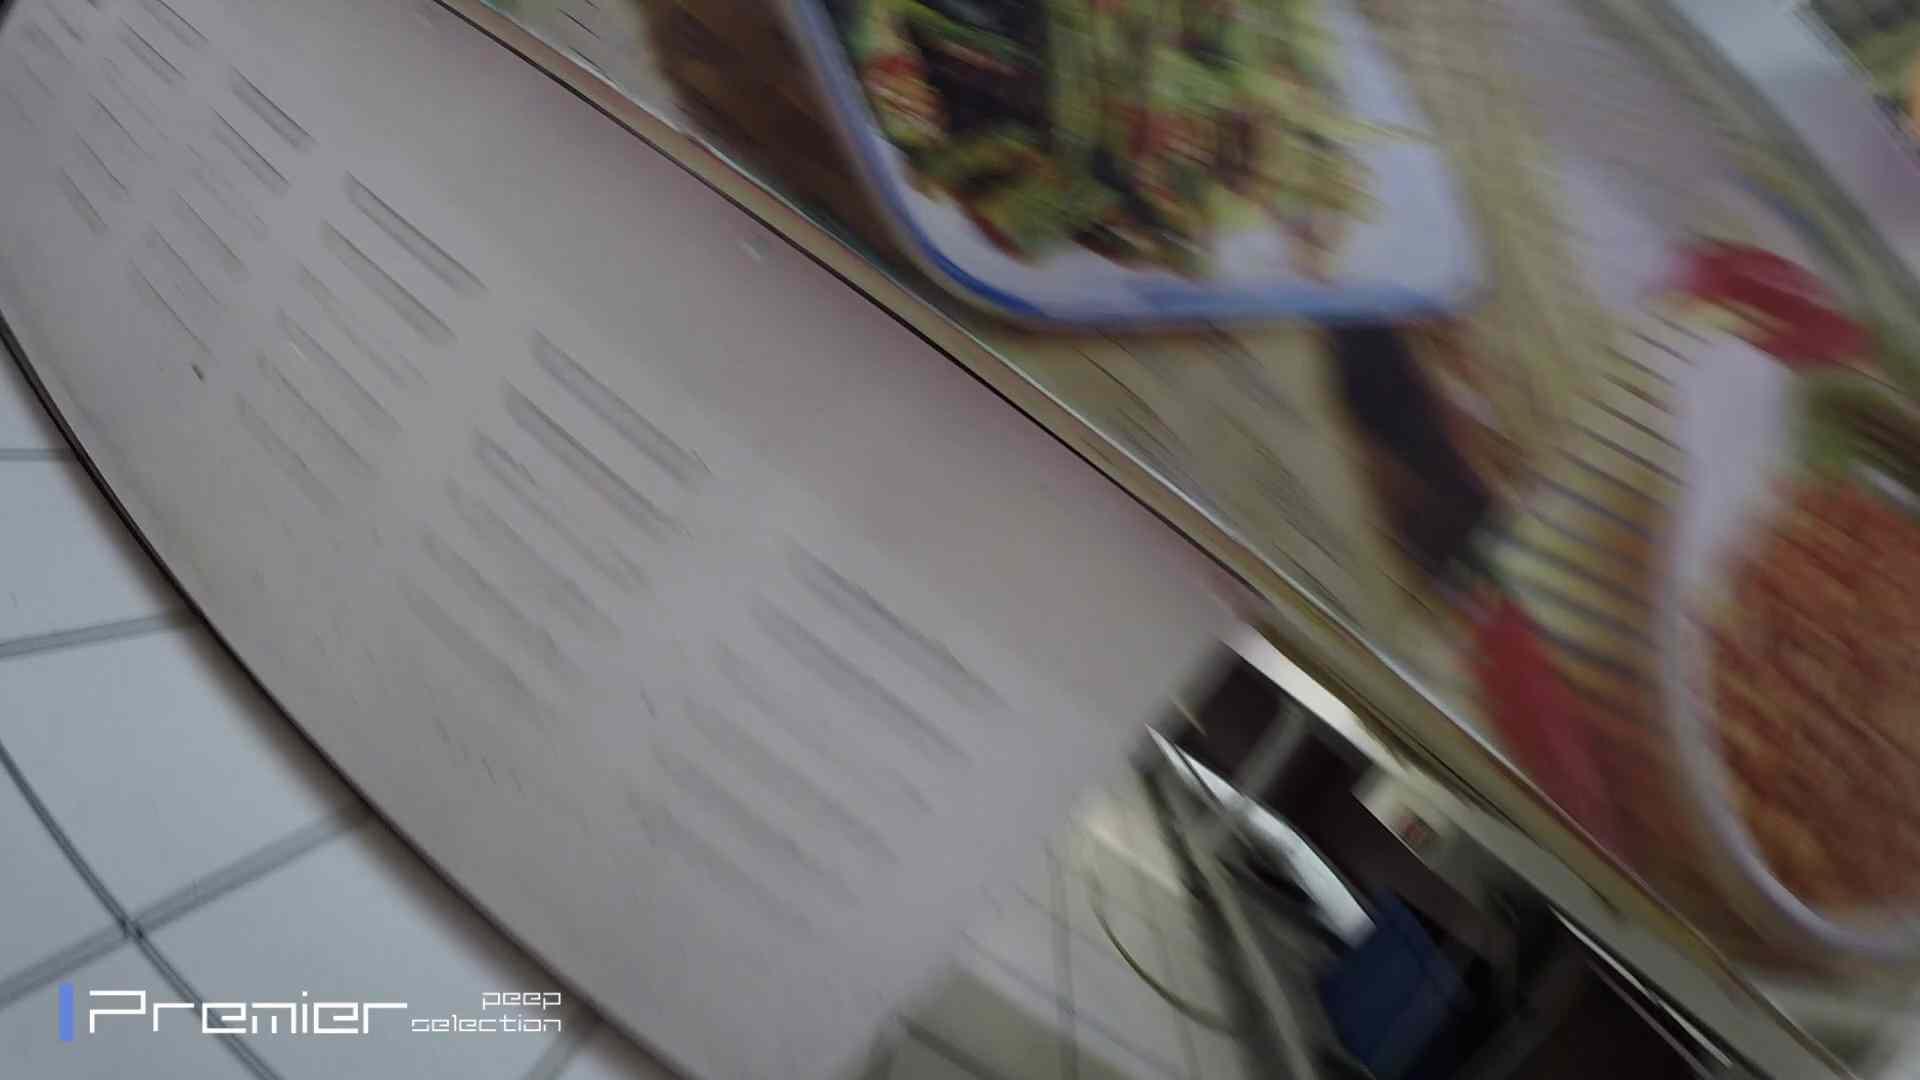 お嬢様風の乙女 食い込む黒パン 美女の下半身を粘着撮り! Vol.02 リベンジもの すけべAV動画紹介 84枚 34